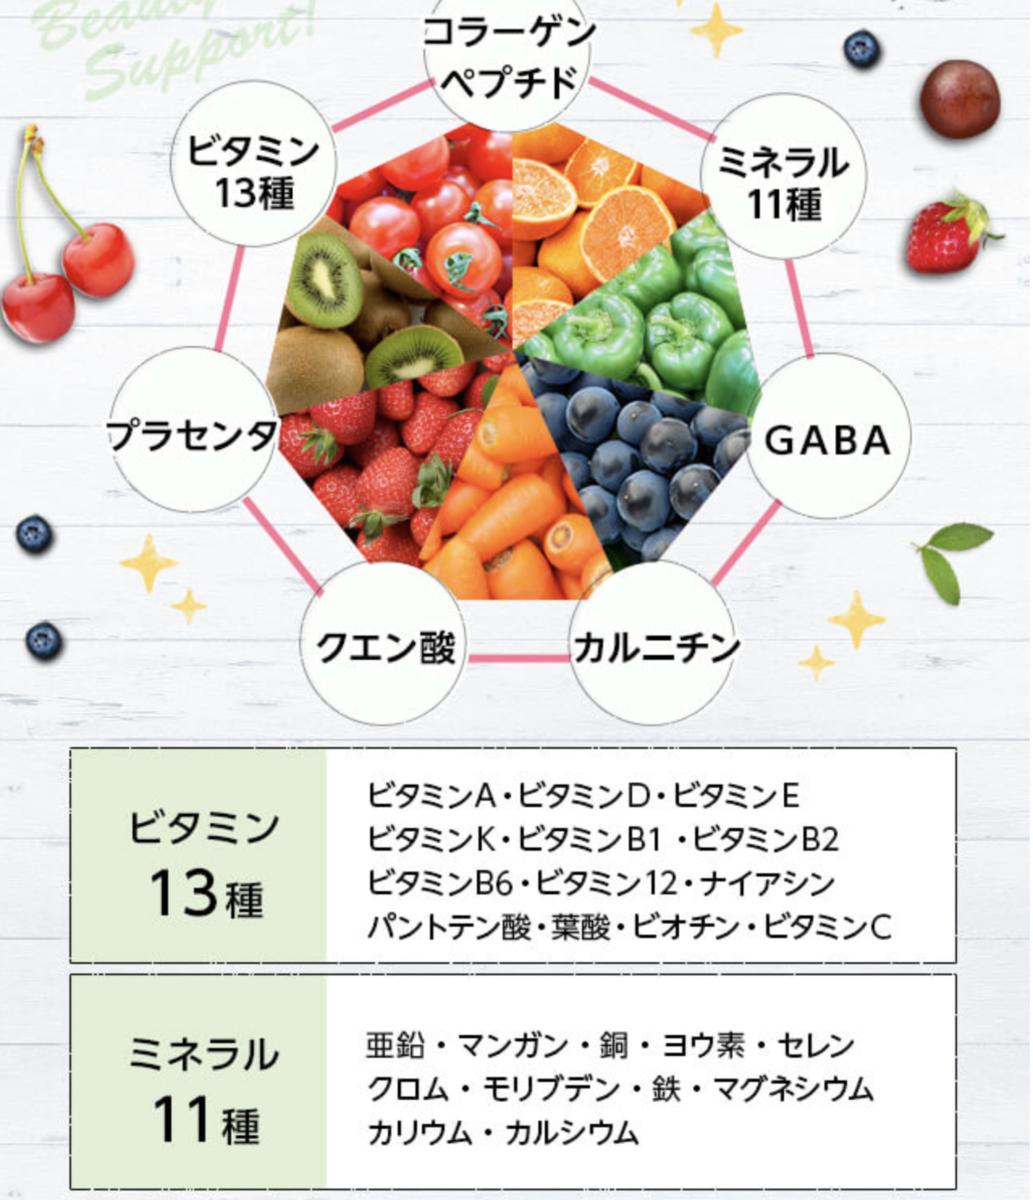 f:id:yuzubaferret:20200812153425p:plain